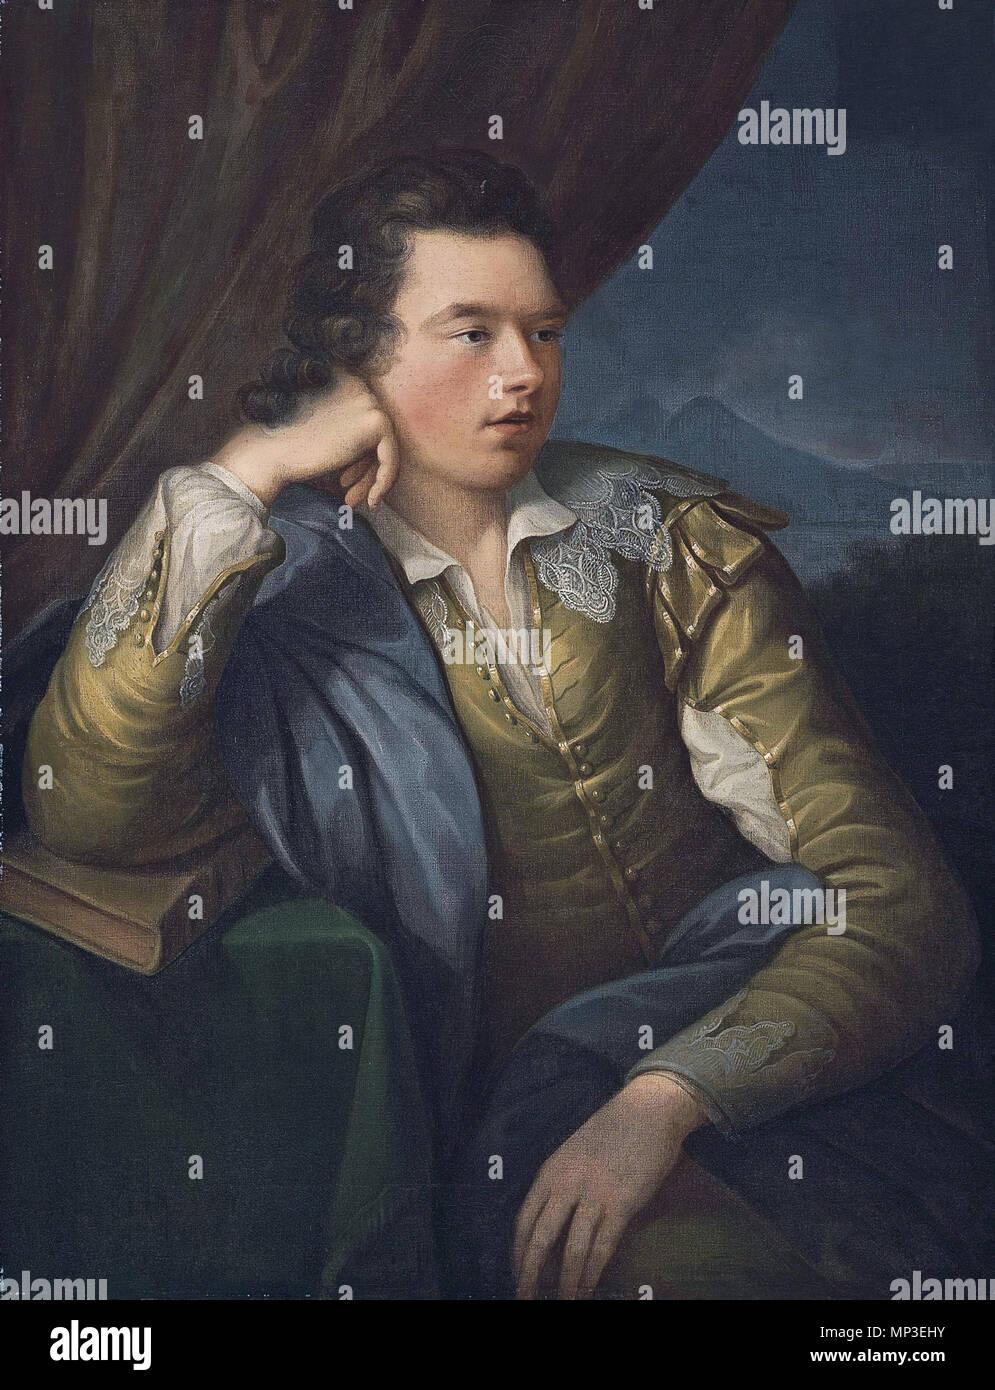 John Campbell, 4 Earl e primo marchese di Breadalbane (1762-1834) . Inglese: John Campbell, 4 Earl e primo marchese di Breadalbane (1762-1834) olio su tela 91.15 x 71.1 cm. . Secoli XVIII e XIX secolo. 731 John Campbell, 4 Earl e primo marchese di Breadalbane (1762-1834) da Angelica Kauffman (1741-1807) Immagini Stock